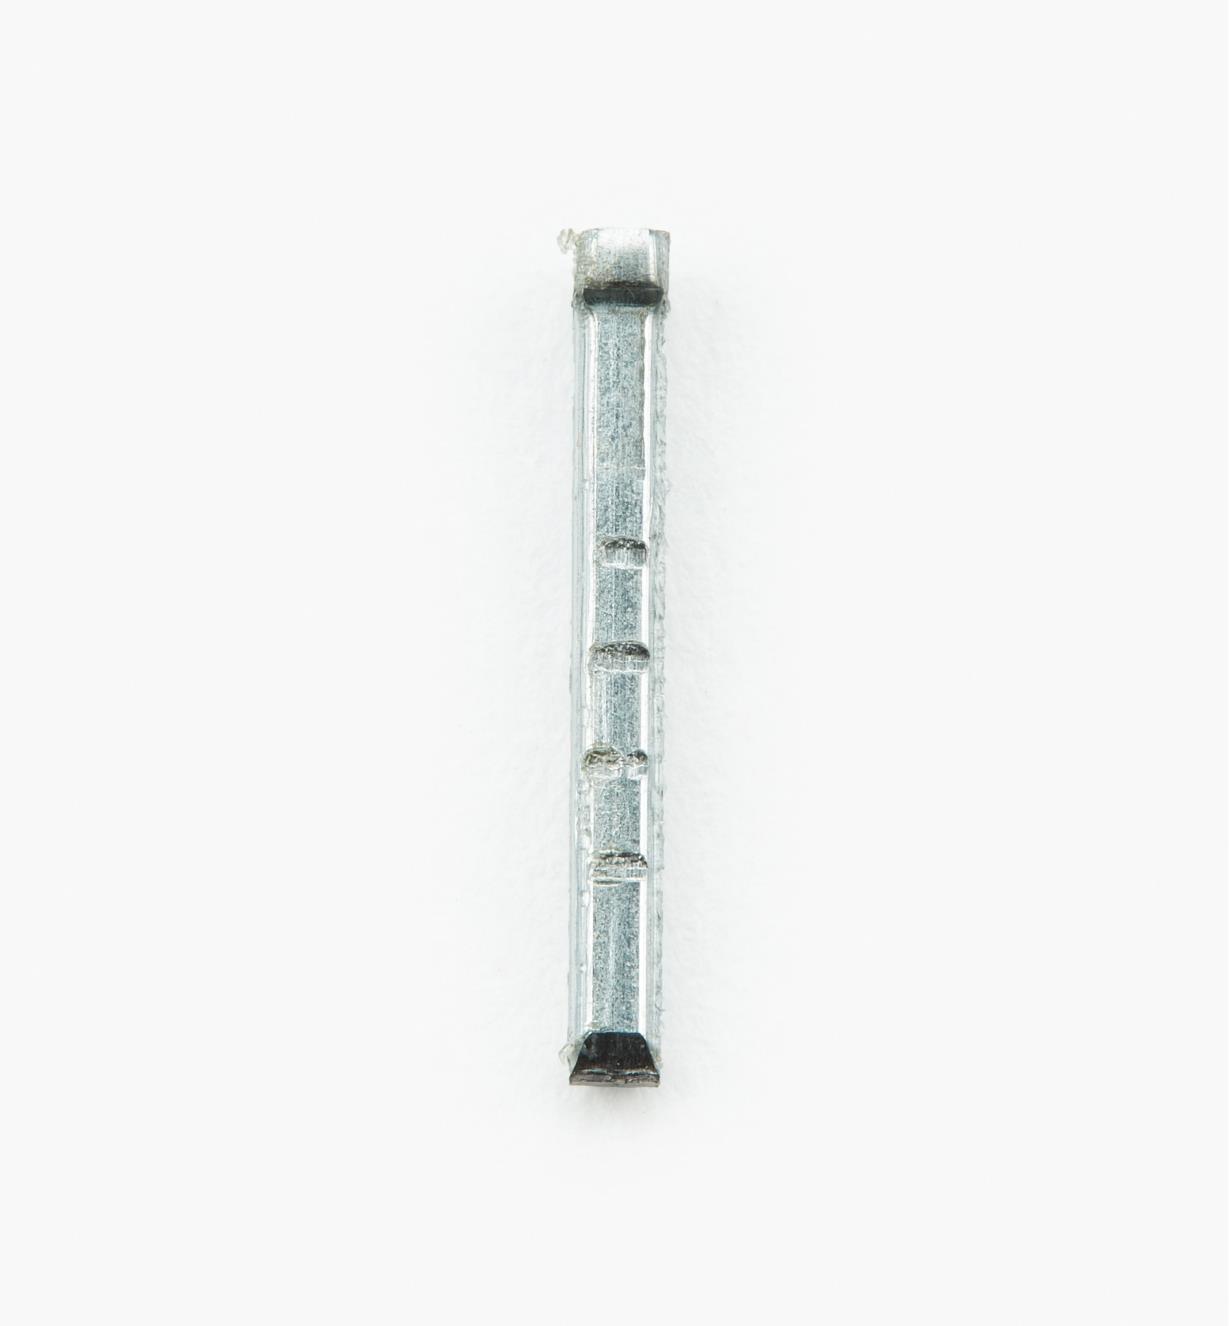 86N5381 - Clous de finition, 1/2po, calibre18, lotde5000